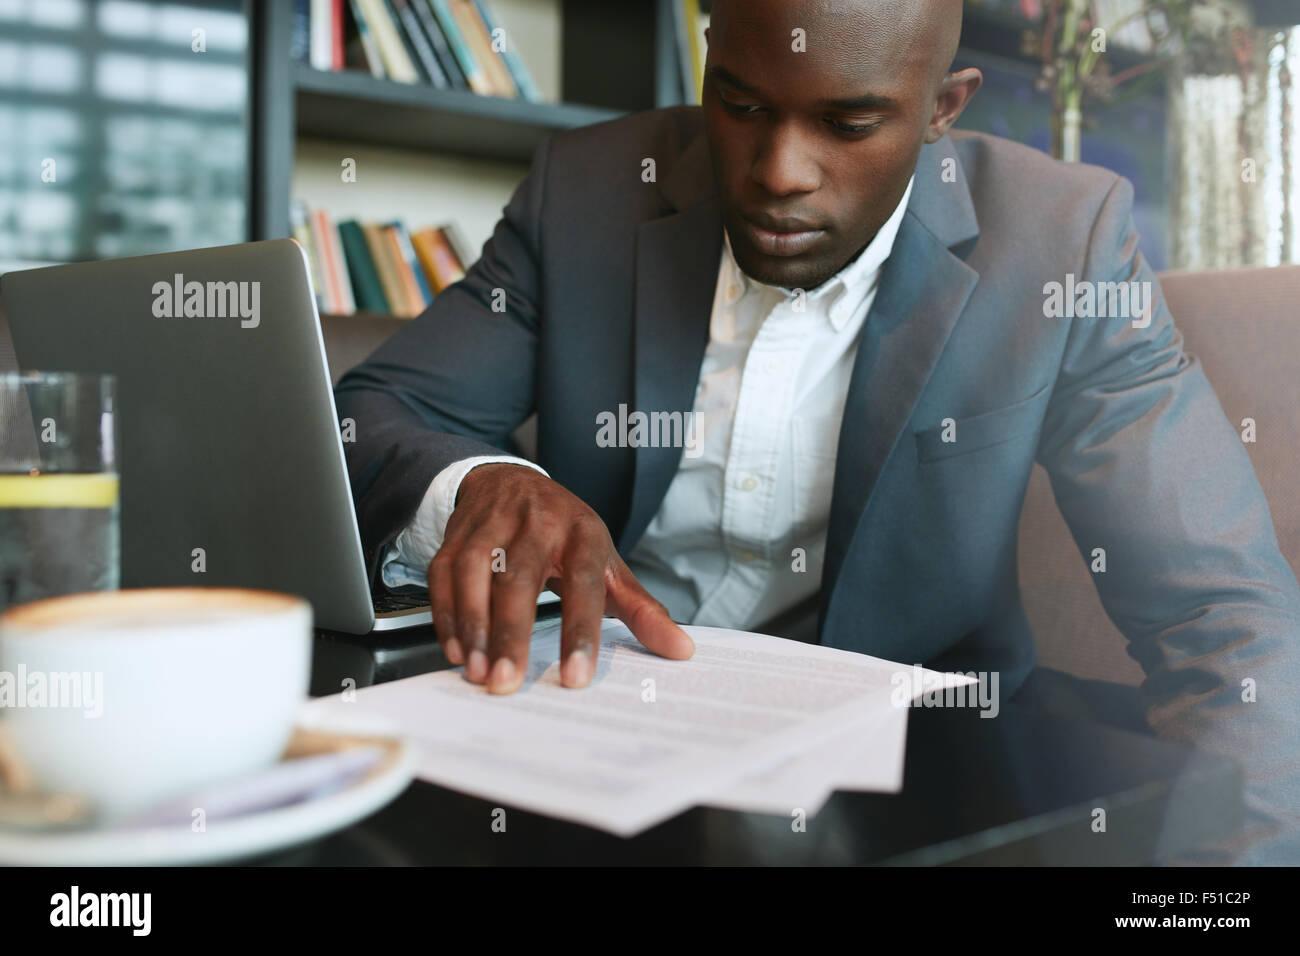 Empresario en una cafetería leyendo un documento contractual. Ejecutivos de empresas africanas en el cafe sentado Imagen De Stock